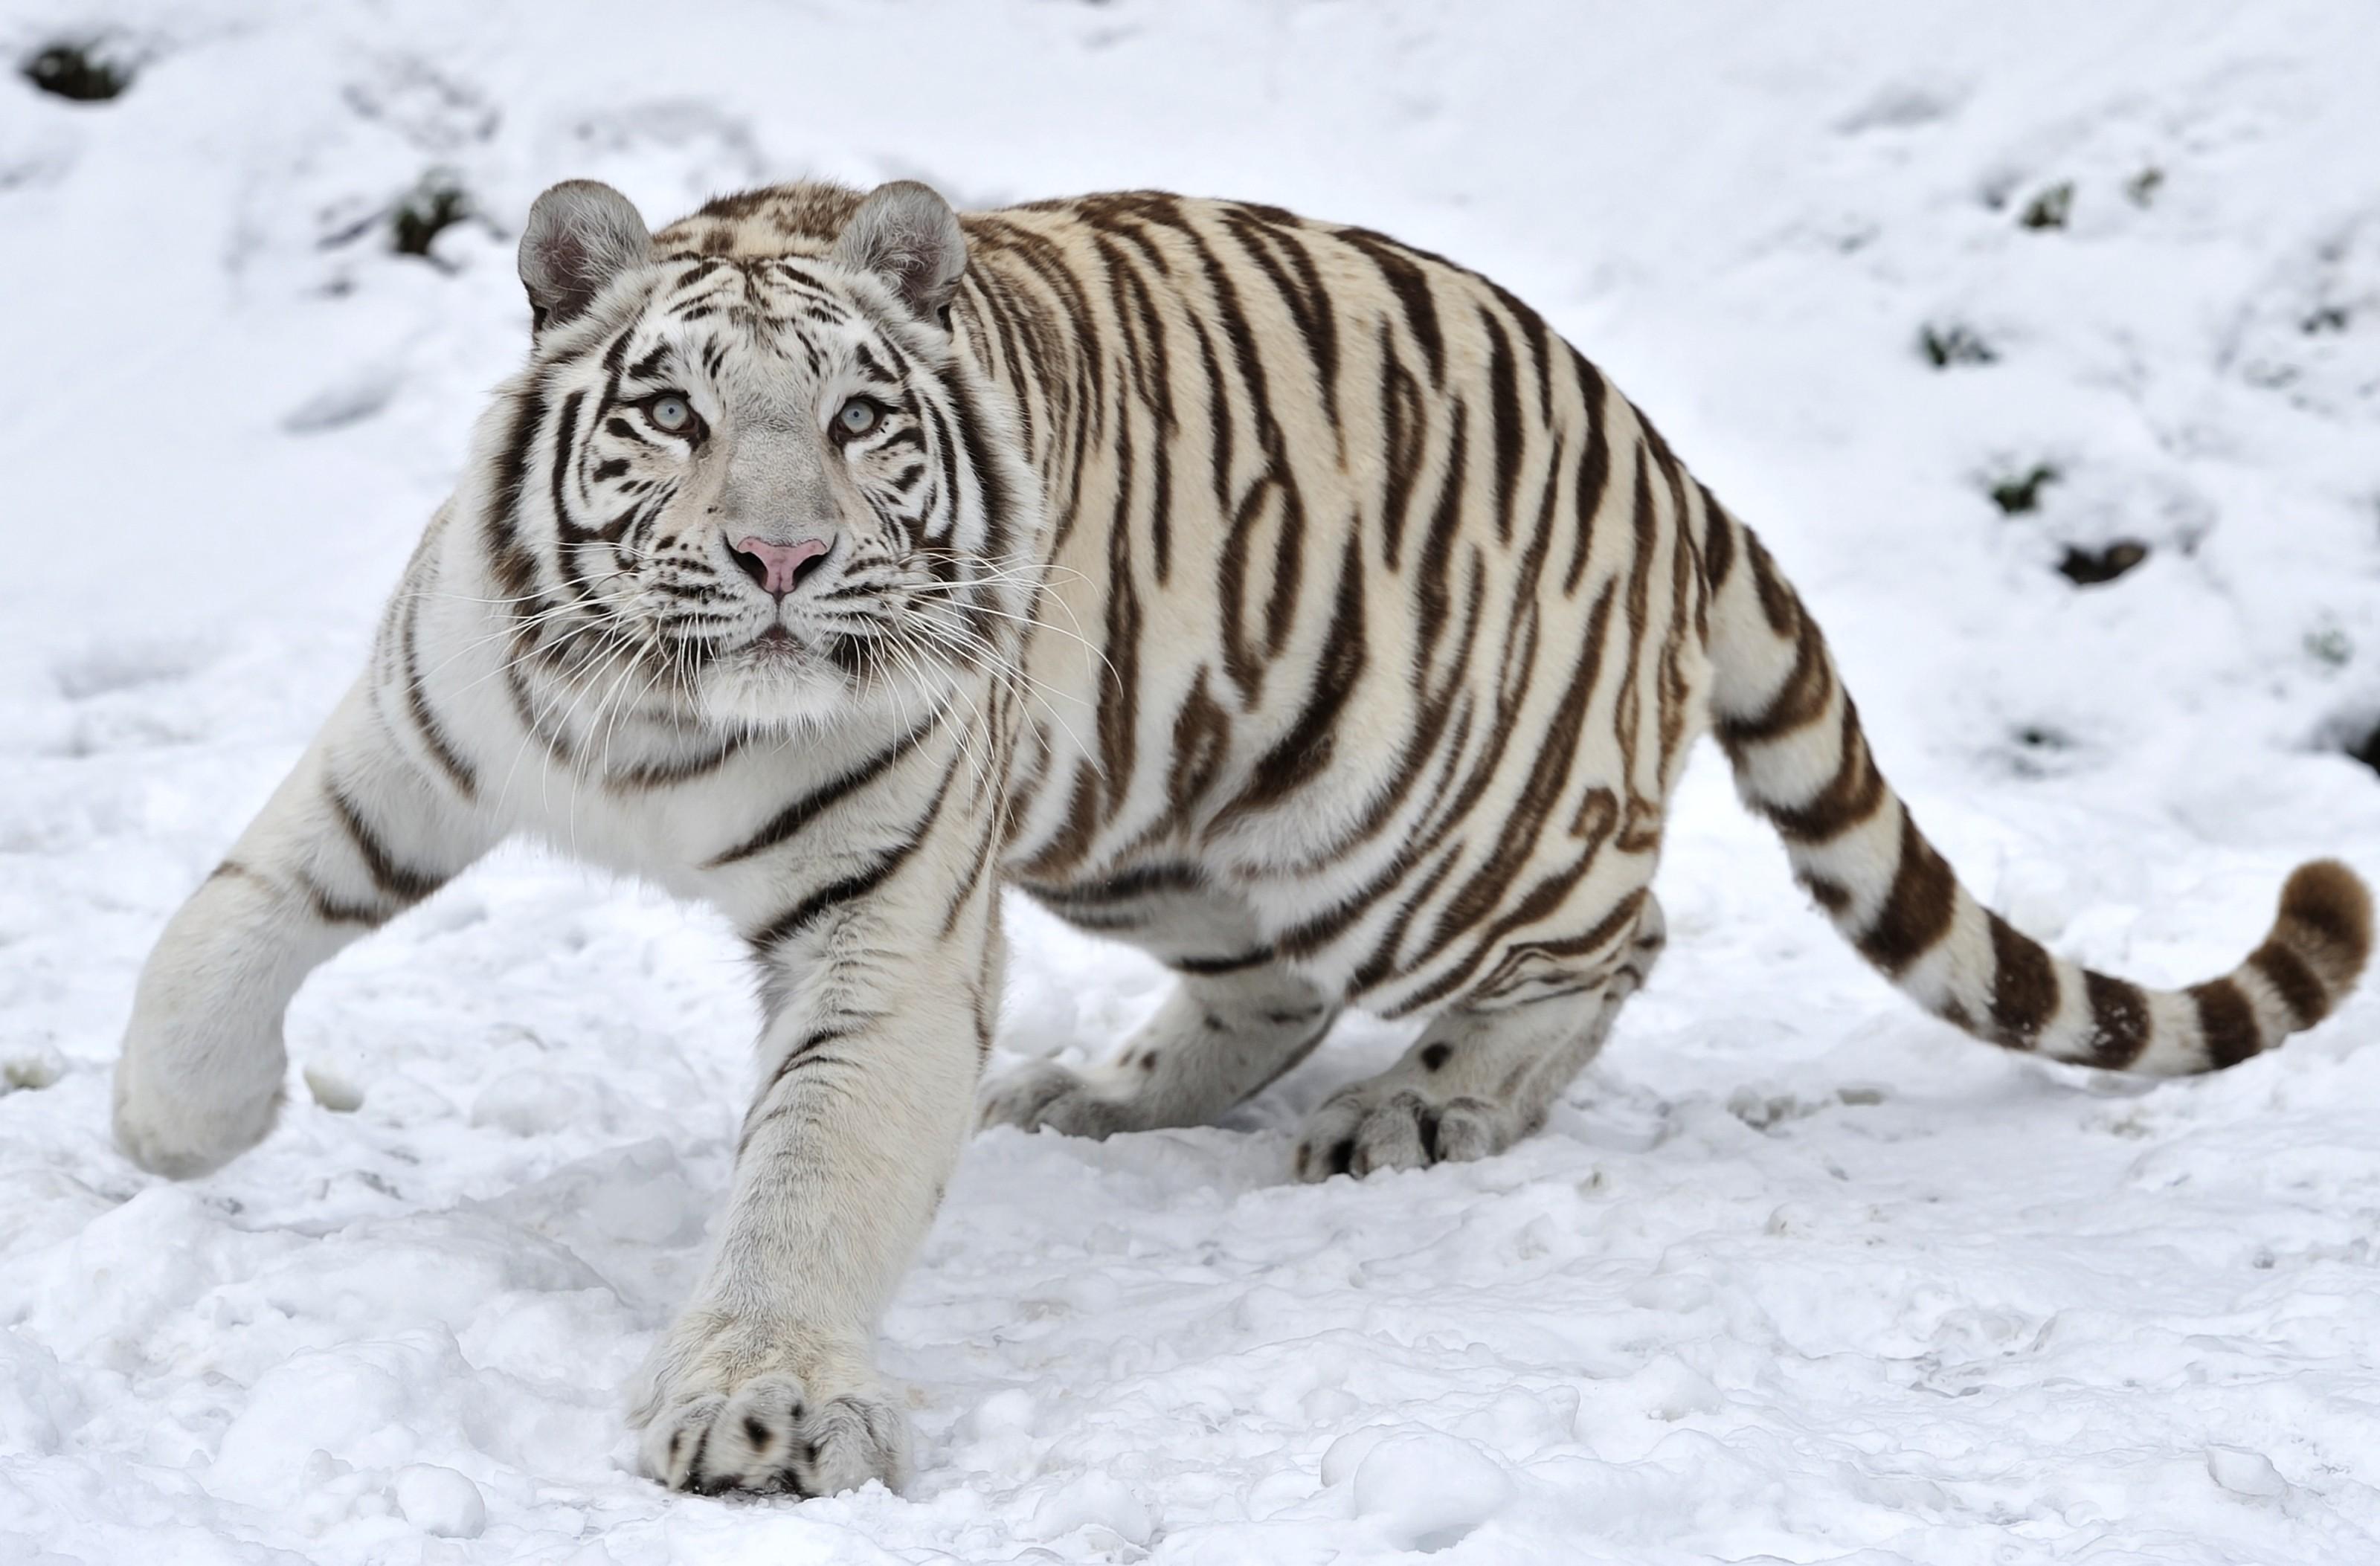 Tigre blanco - 3200x2106